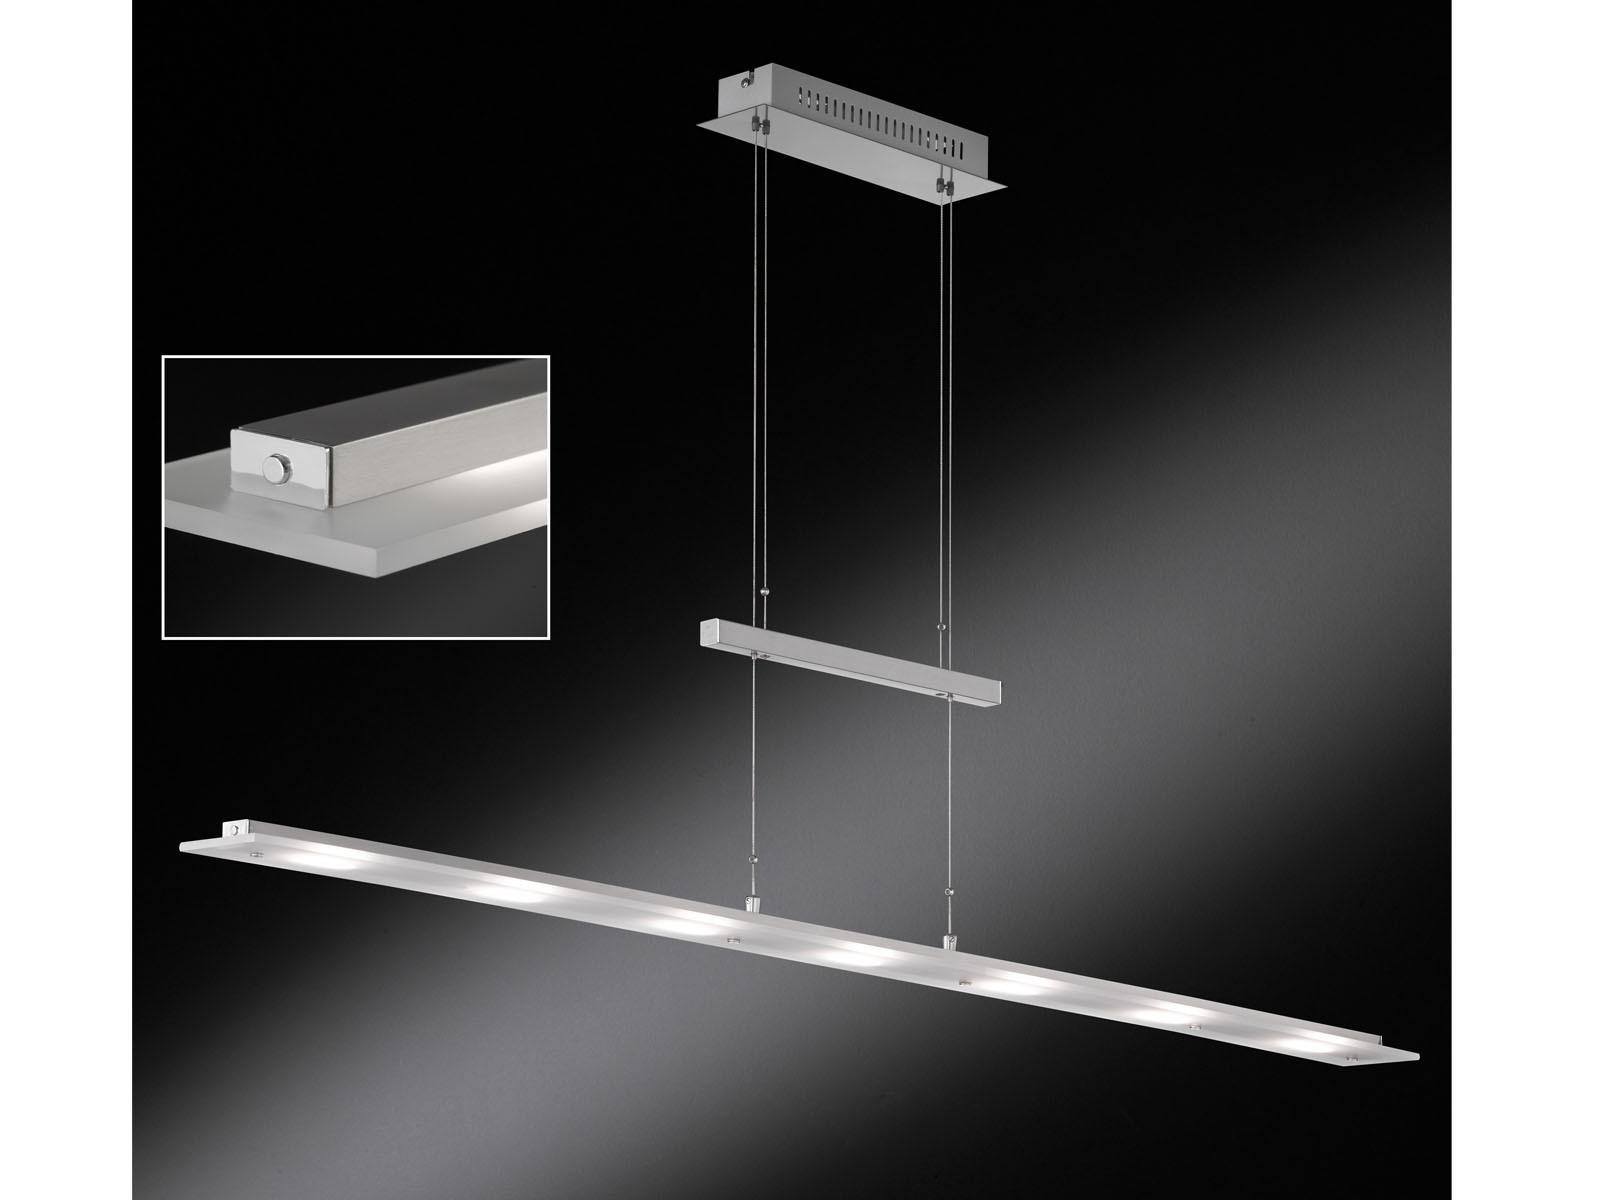 Pendelleuchte LED dimmbar & höhenverstellbar Länge 135cm Pendel Hängeleuchten